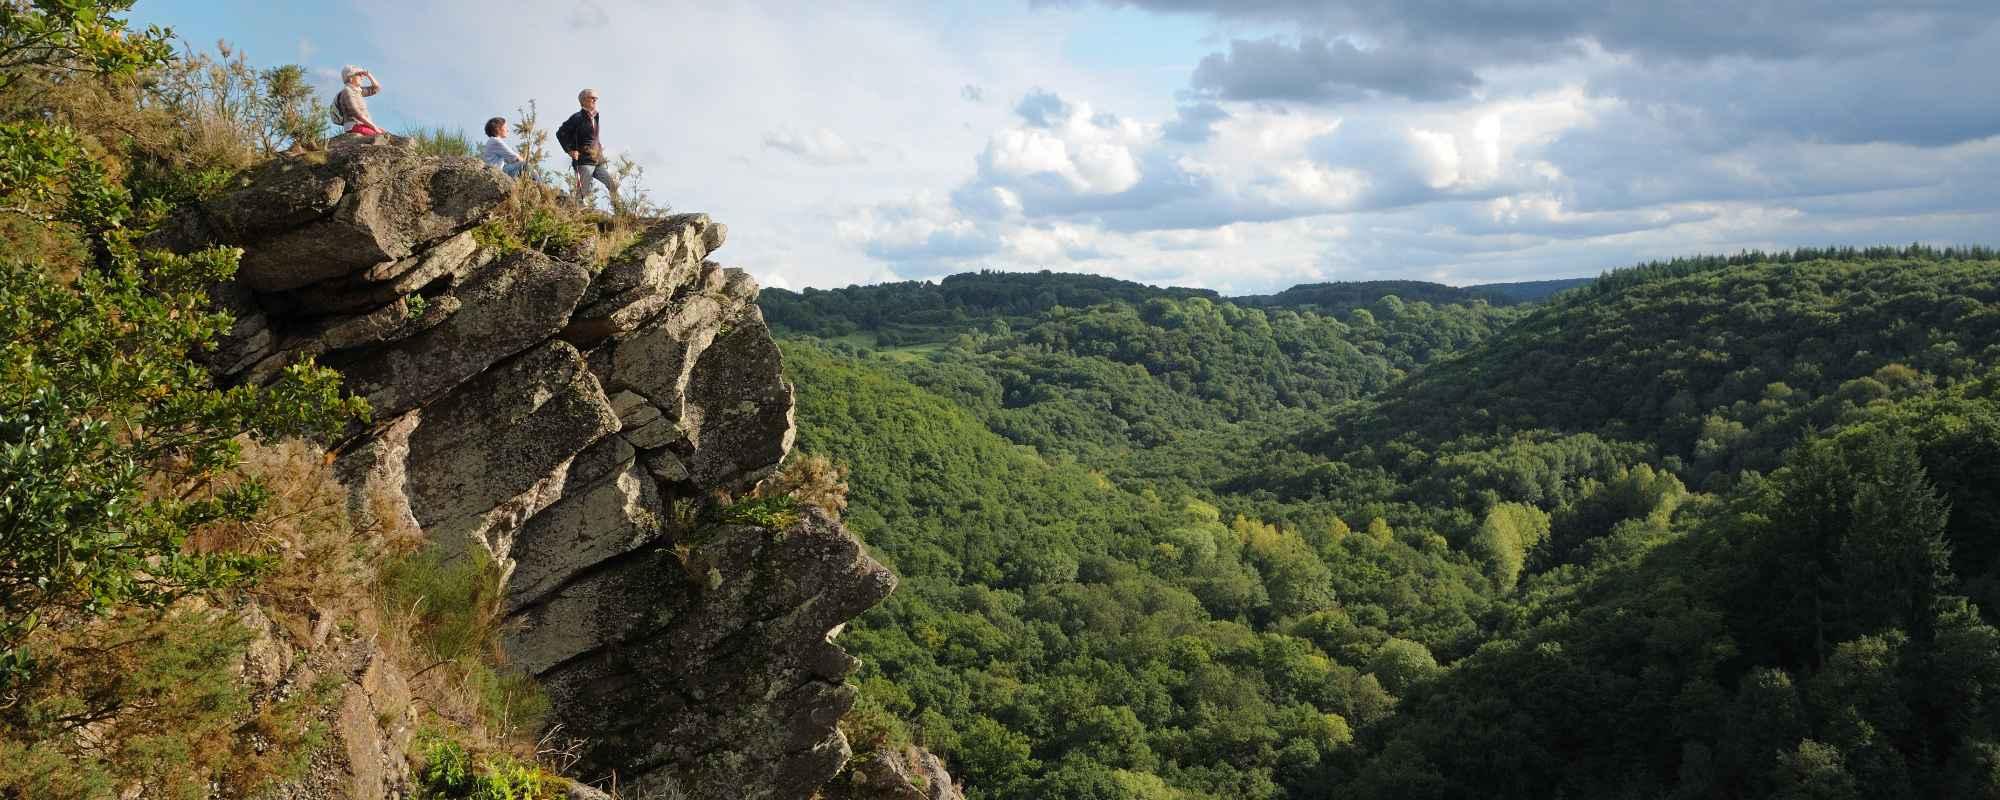 Profil humain, vallée de la Rouvre Roche d'Oëtre